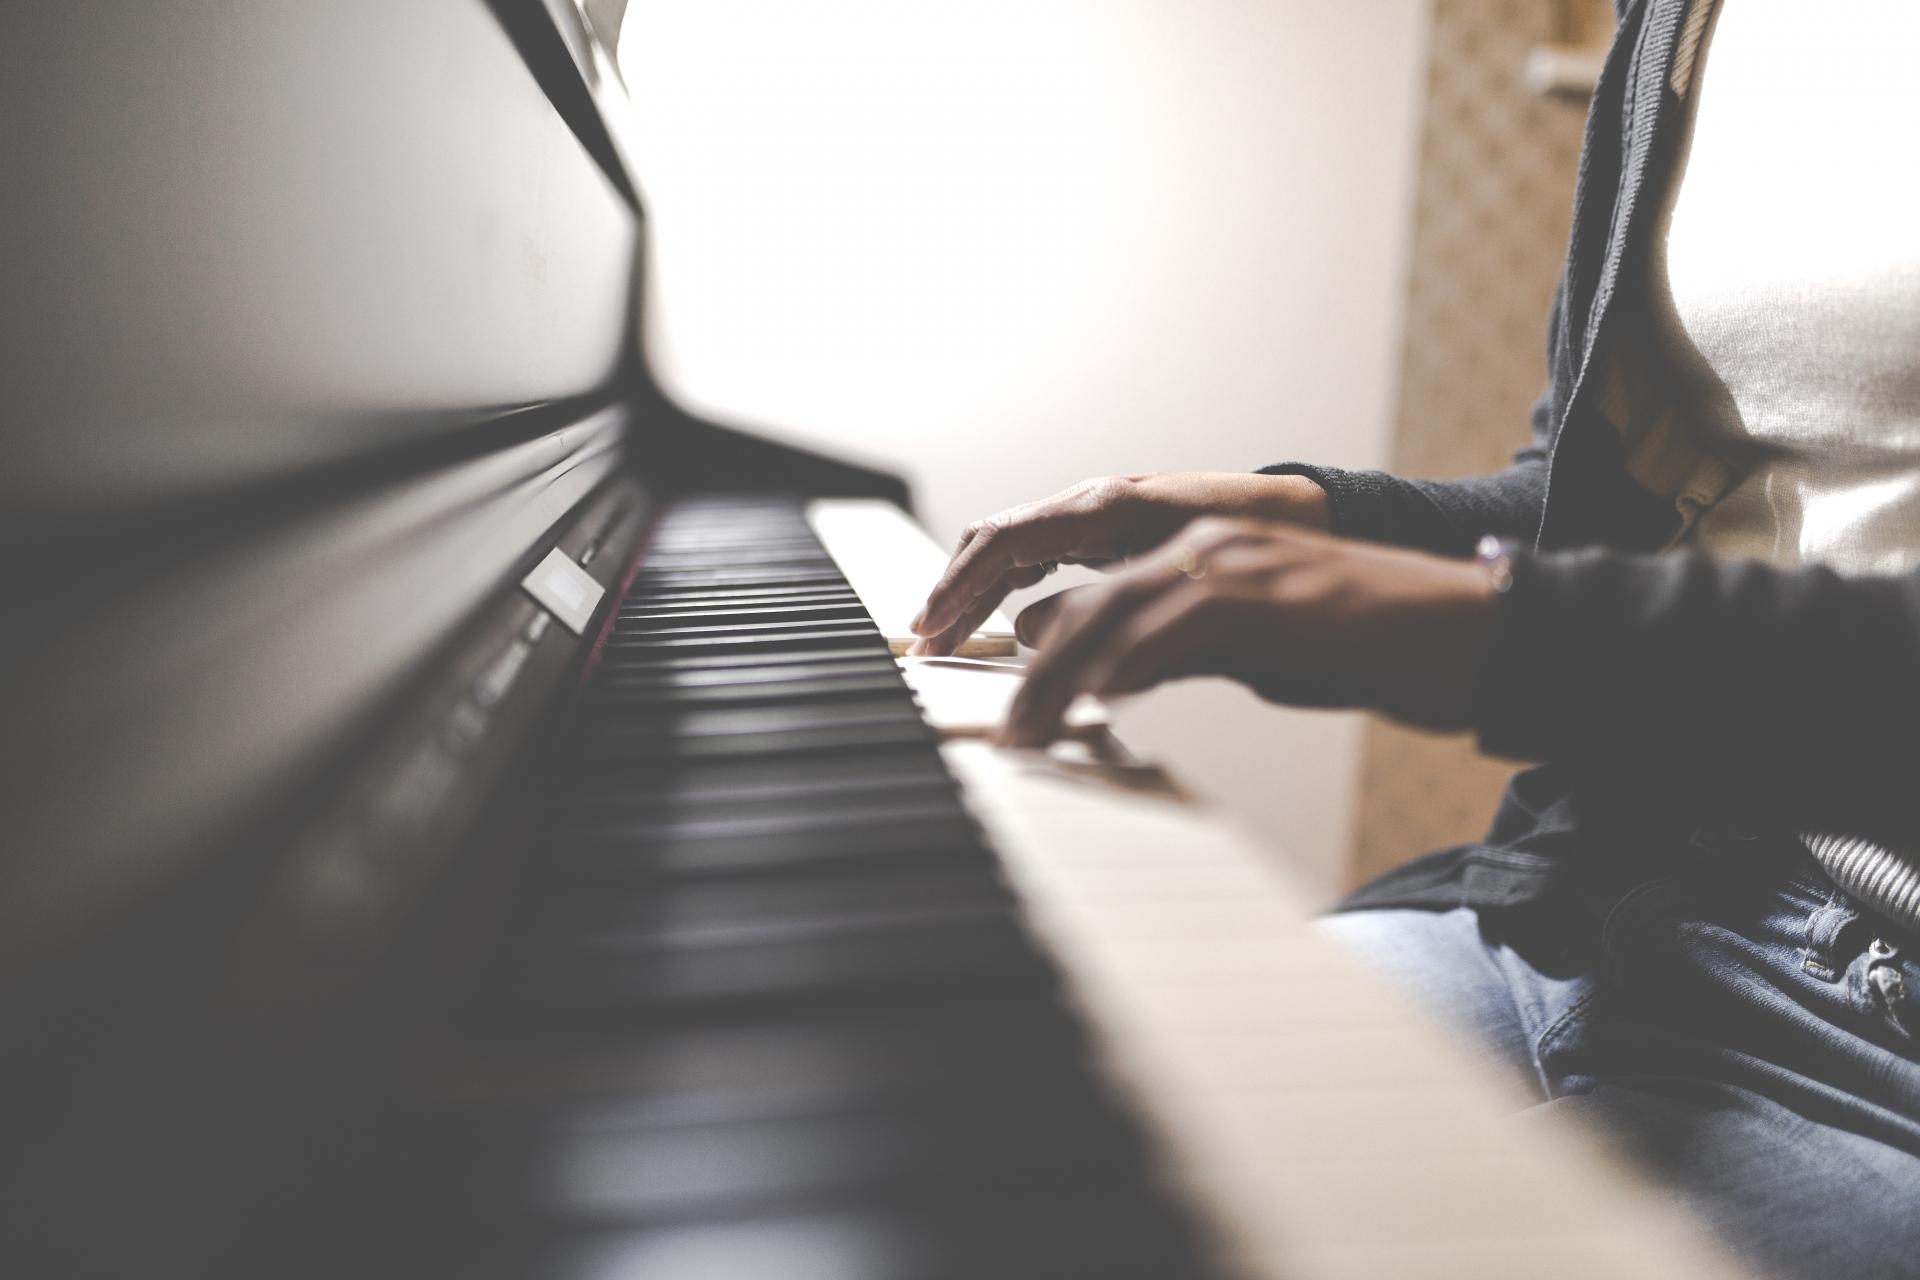 ピアノカフェ伊勢治のサービス